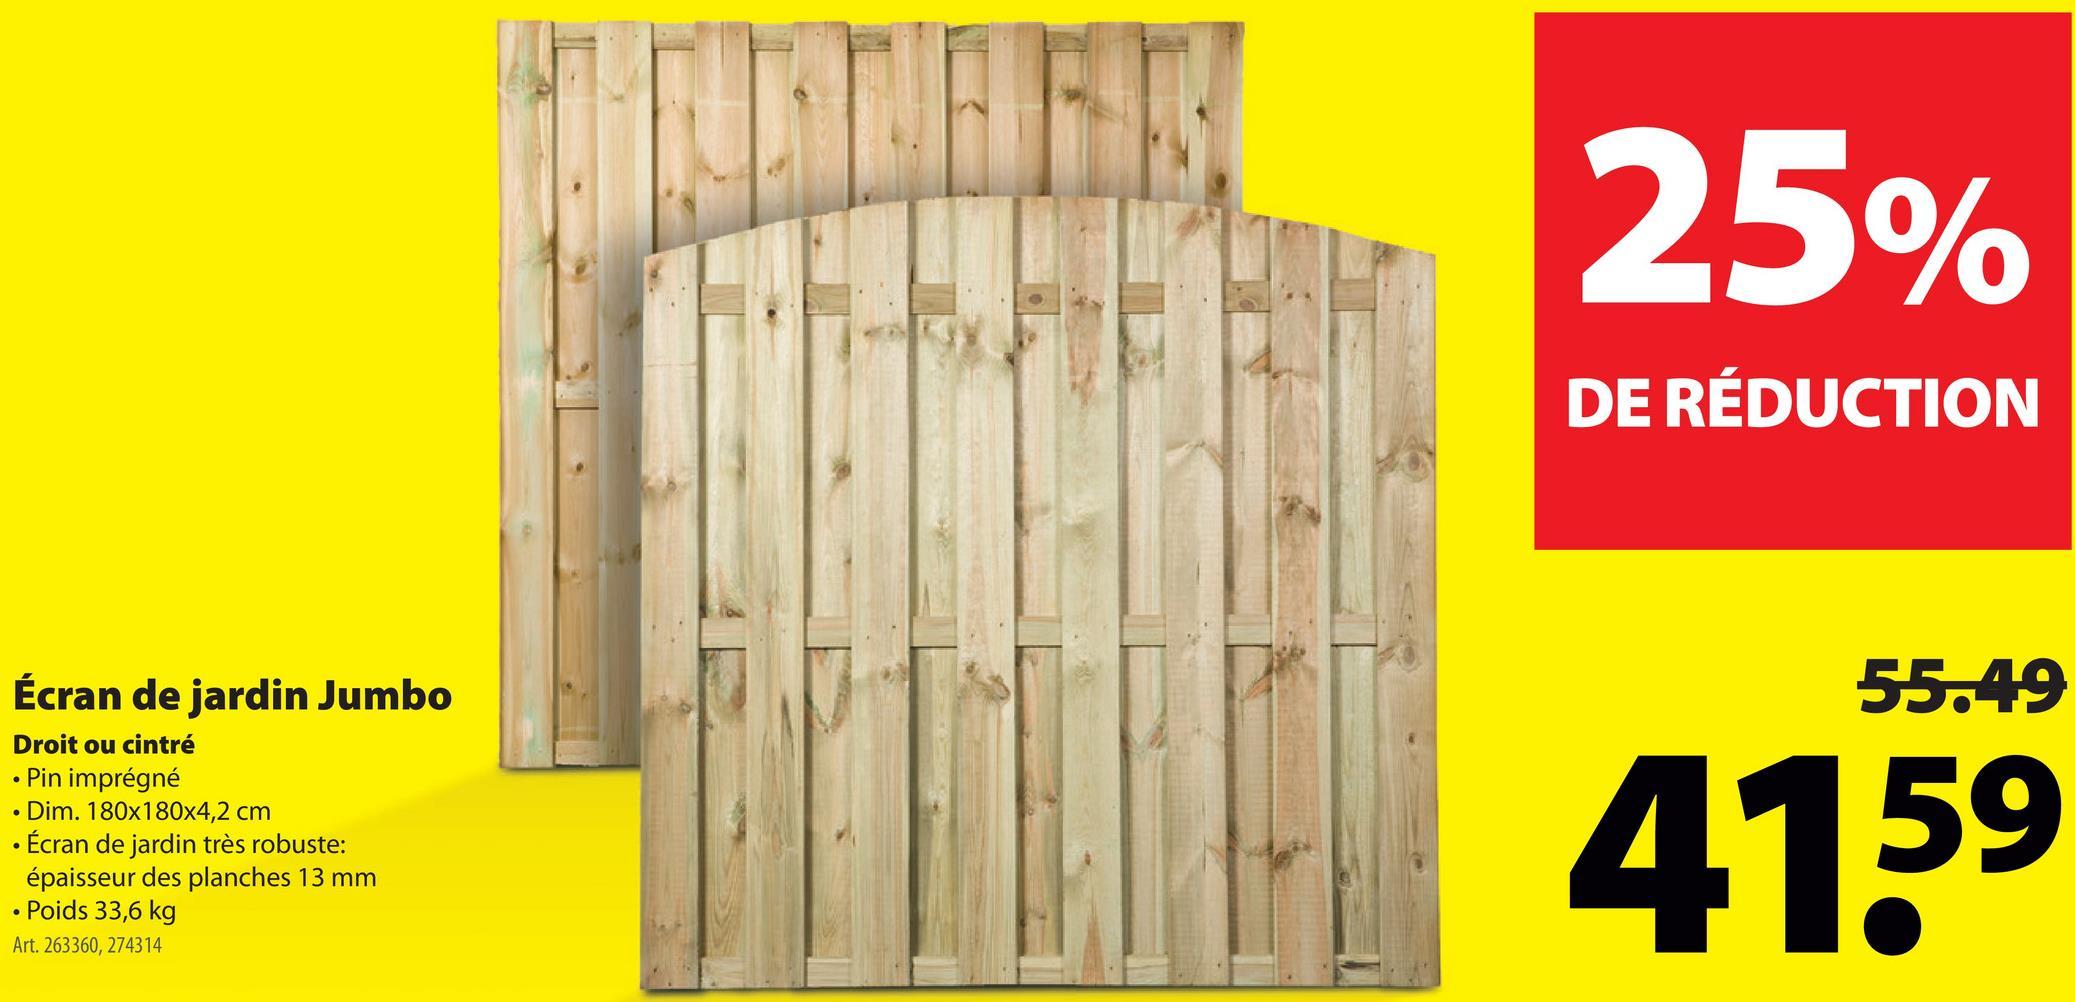 Écran de jardin Jumbo arqué 180x180 cm Un écran de jardin haut préserve votre intimité. L'écran de jardin Jumbo est fabriqué en pin imprégné, ce qui confère un caractère chaleureux à votre clôture. [180 cm de large sur [180 cm de haut, avec une partie supérieure droite. À combiner avec une porte de jardin Exclusive.